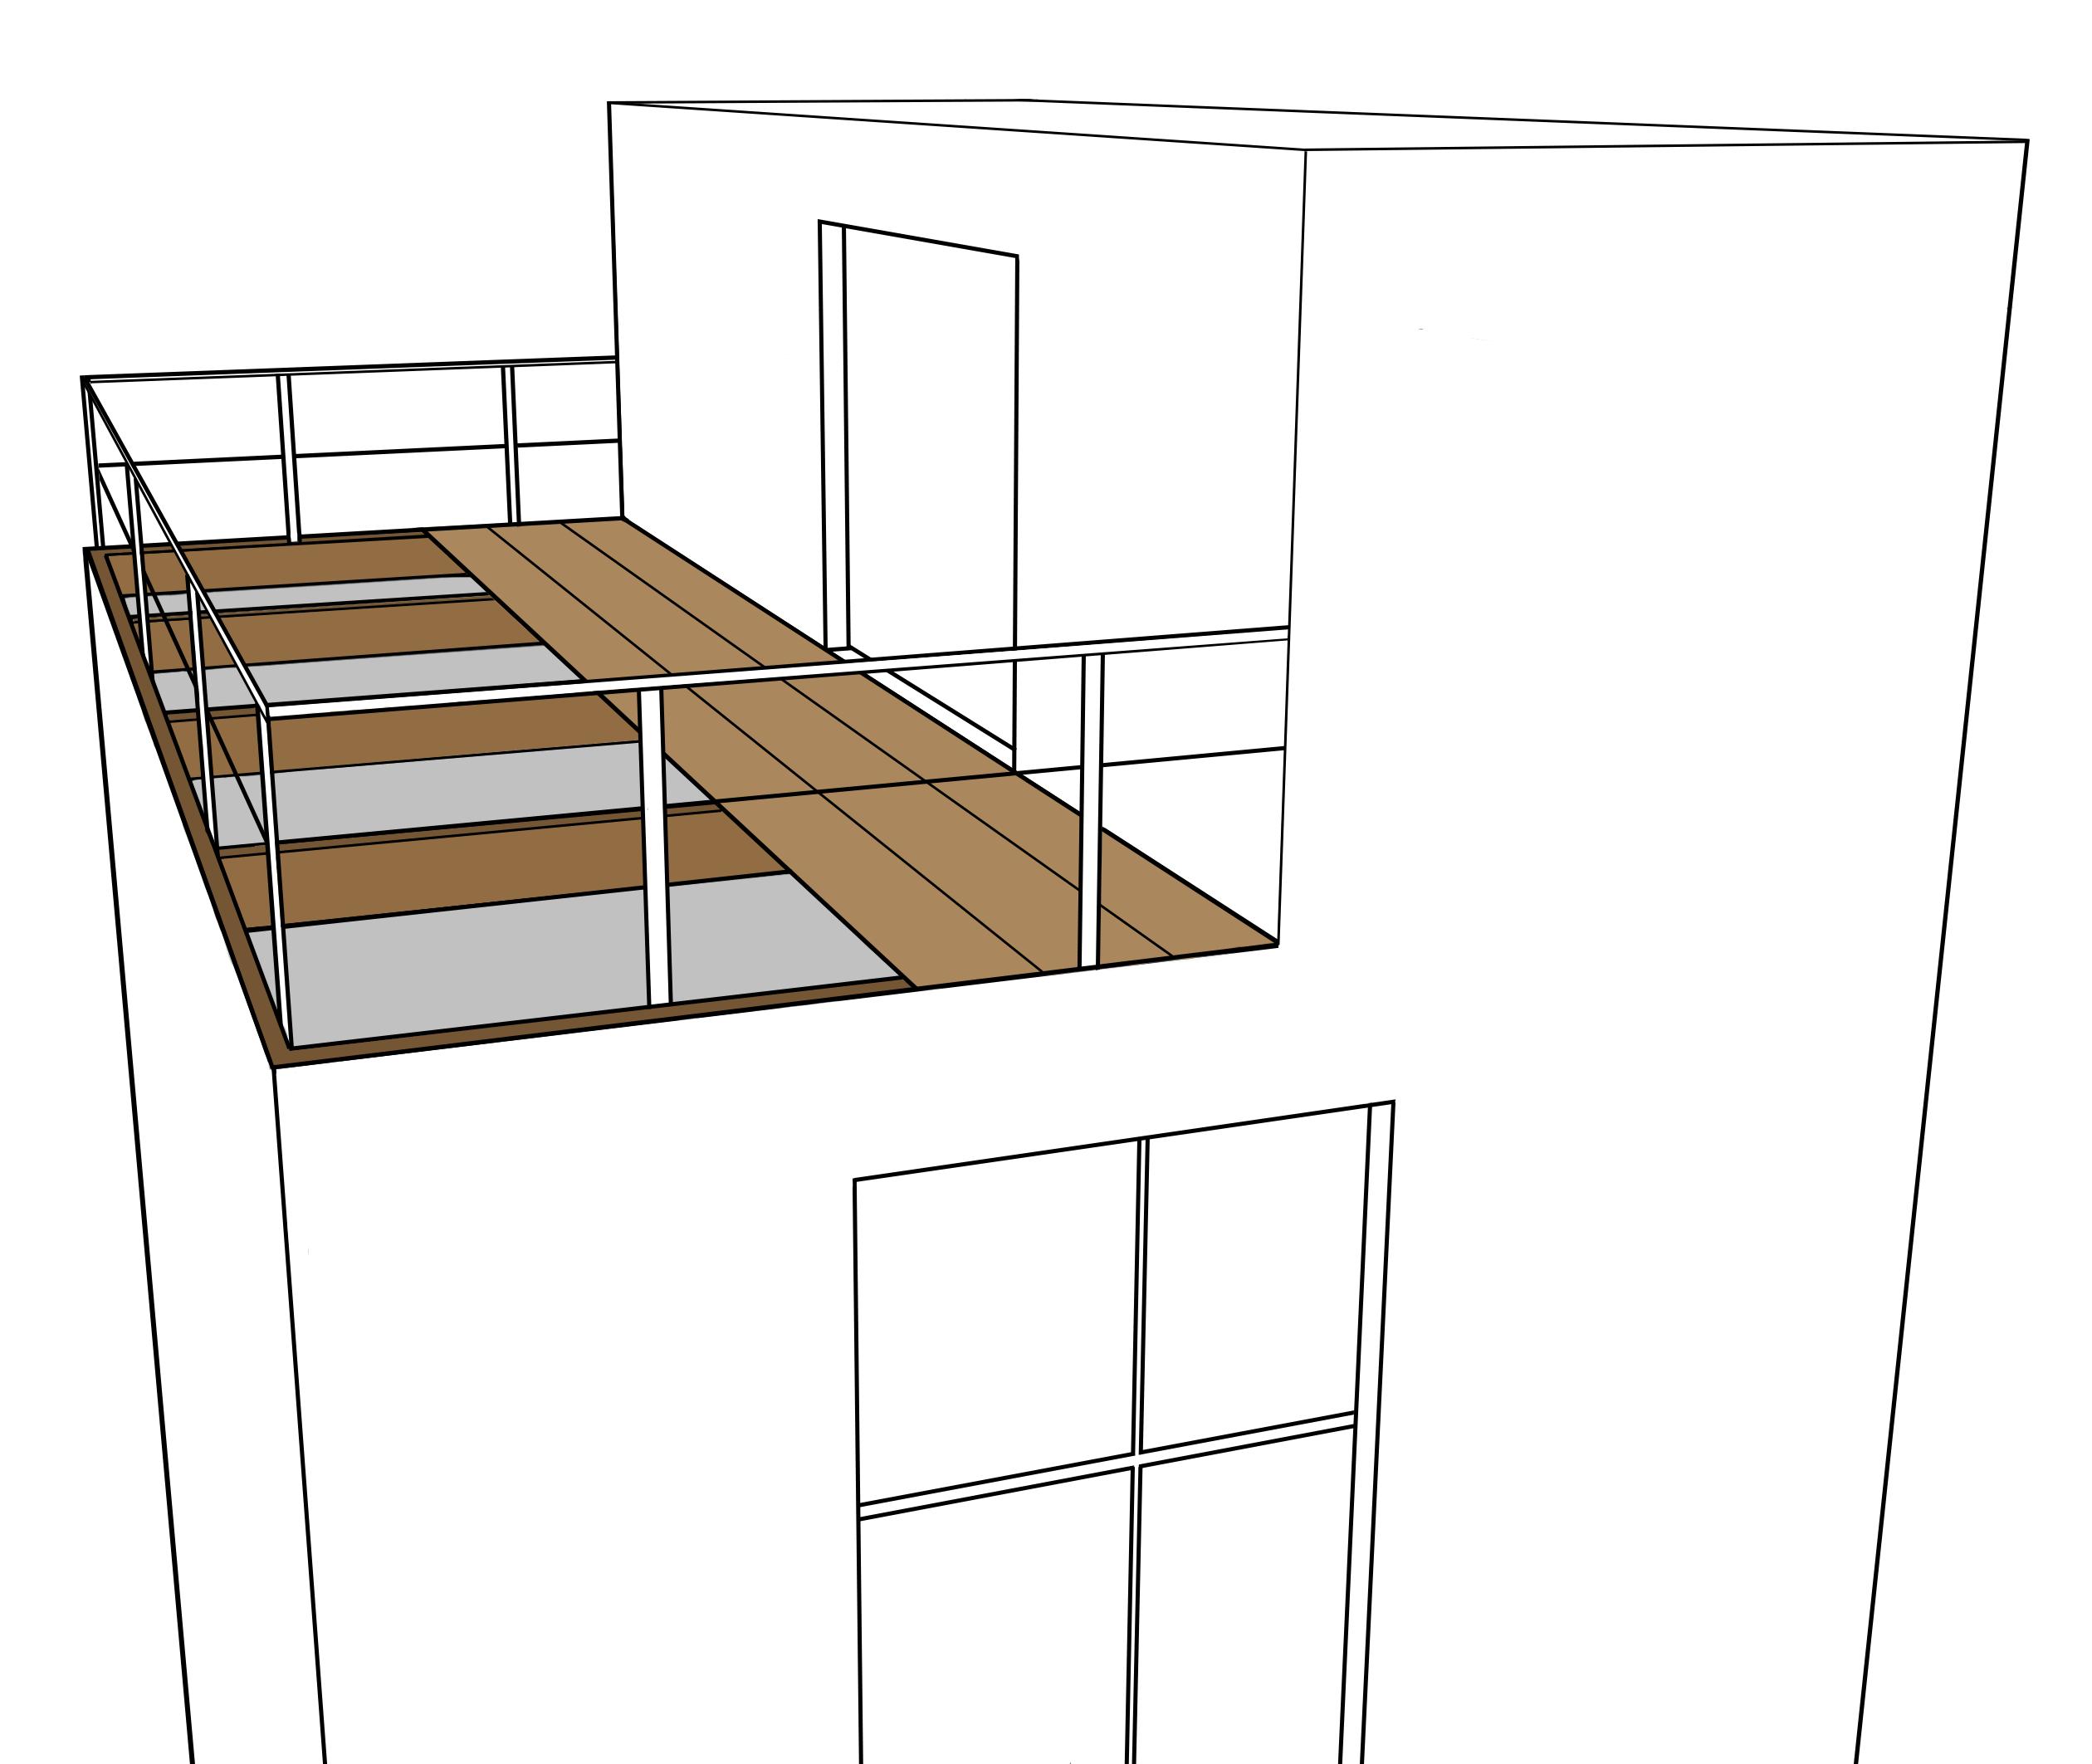 Monter une terrasse en bois sur pilotis